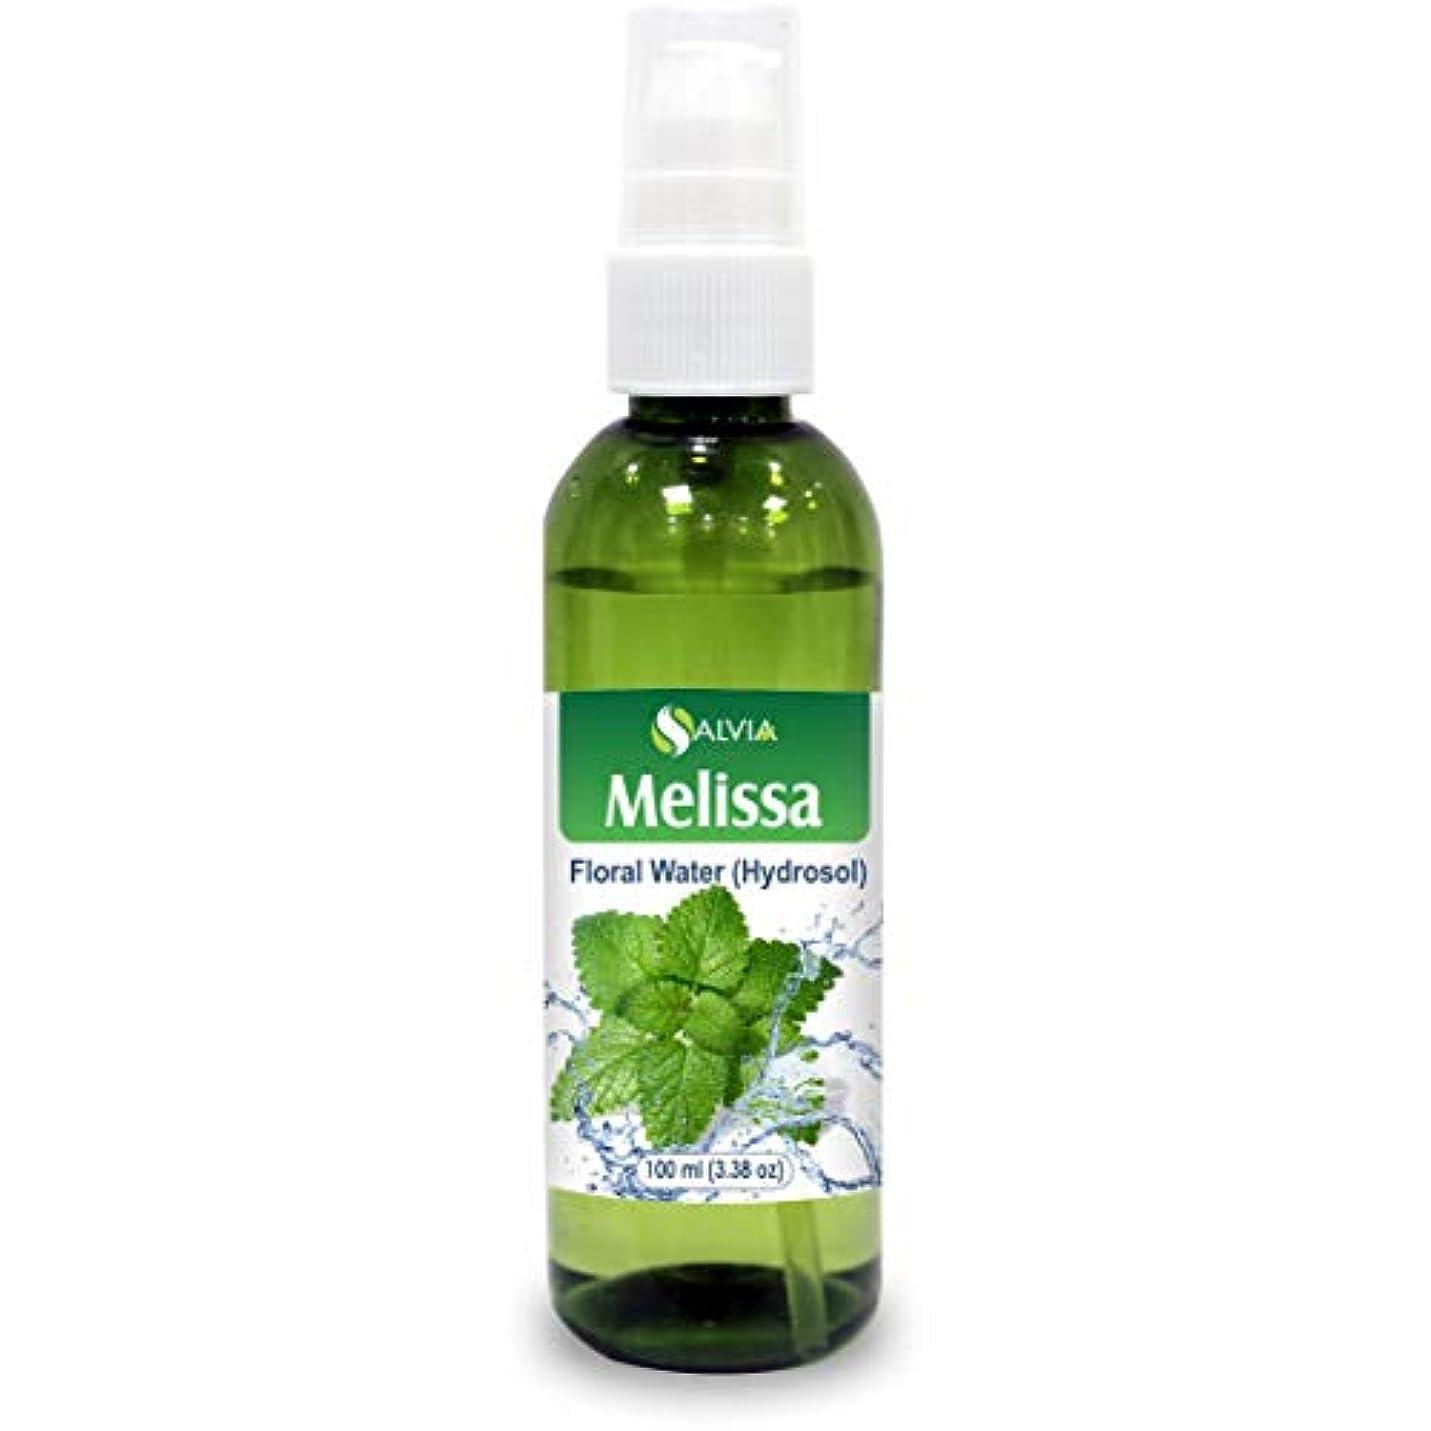 形成芸術的ロンドンMelissa (Lemon Balm) Floral Water 100ml (Hydrosol) 100% Pure And Natural